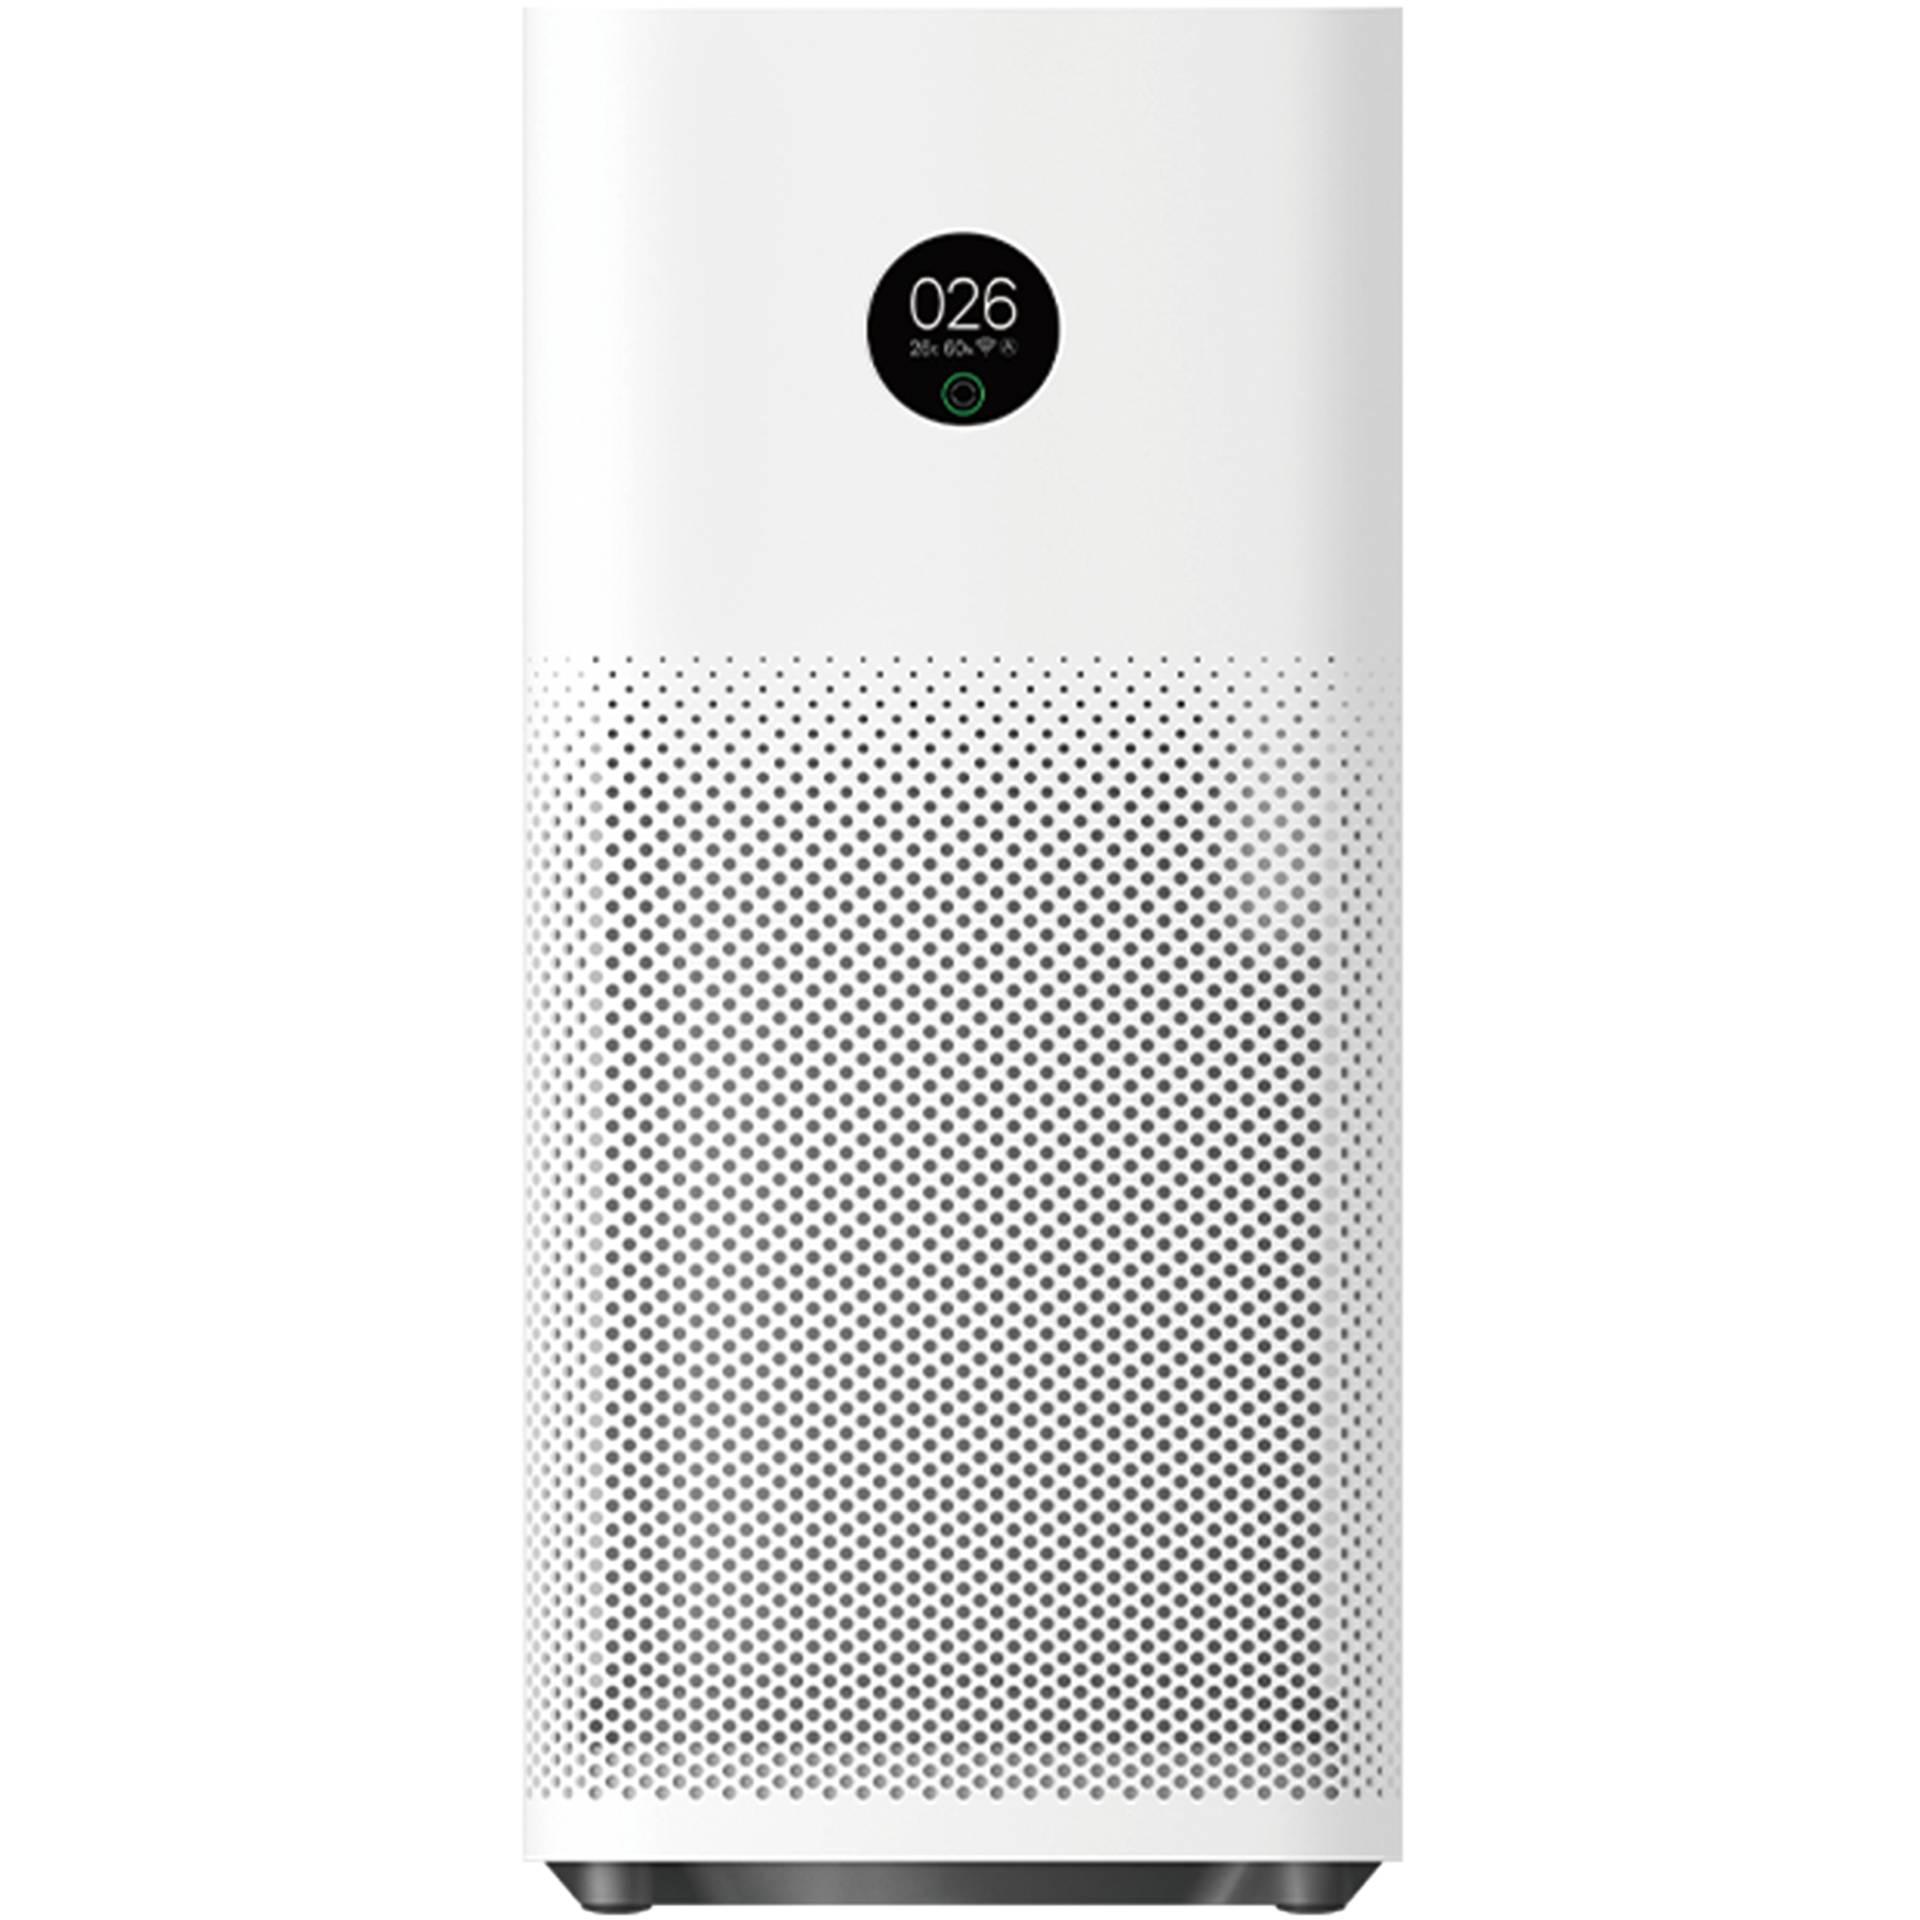 [MAINGAU inkl. NL Gutschein] Xiaomi MI Air Purifier 3H Luftreiniger